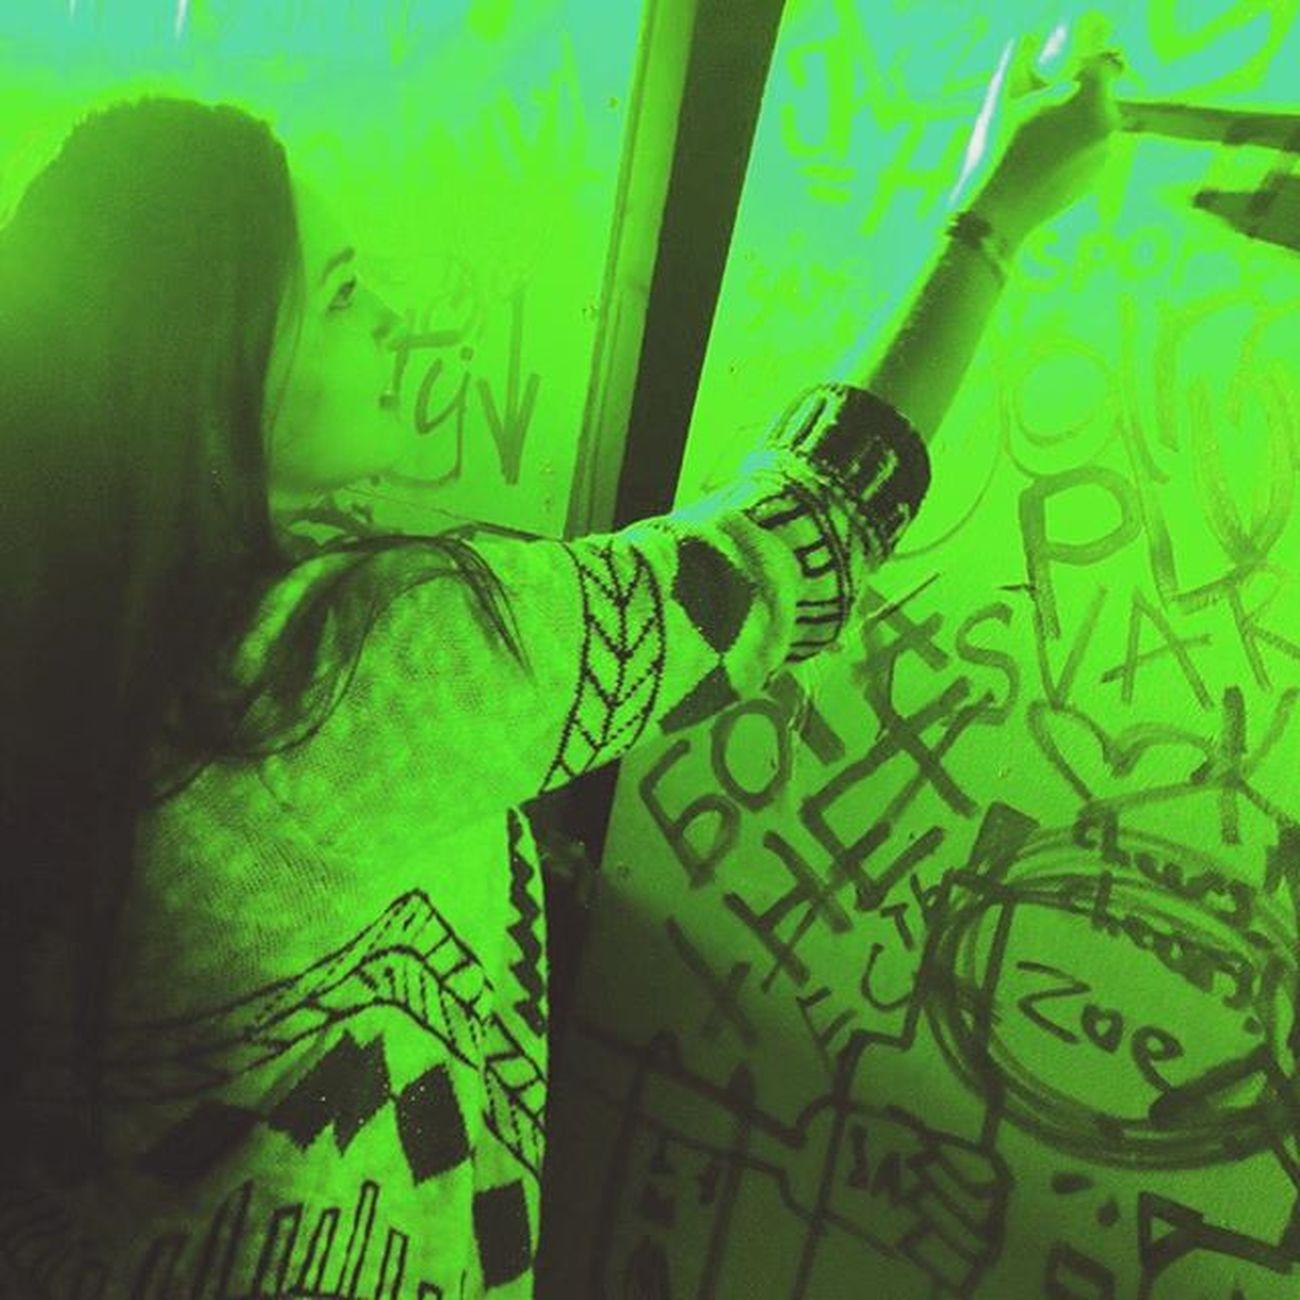 Кислота вечеринка хулиган рисую оставляюследы Jameson Art Green Night